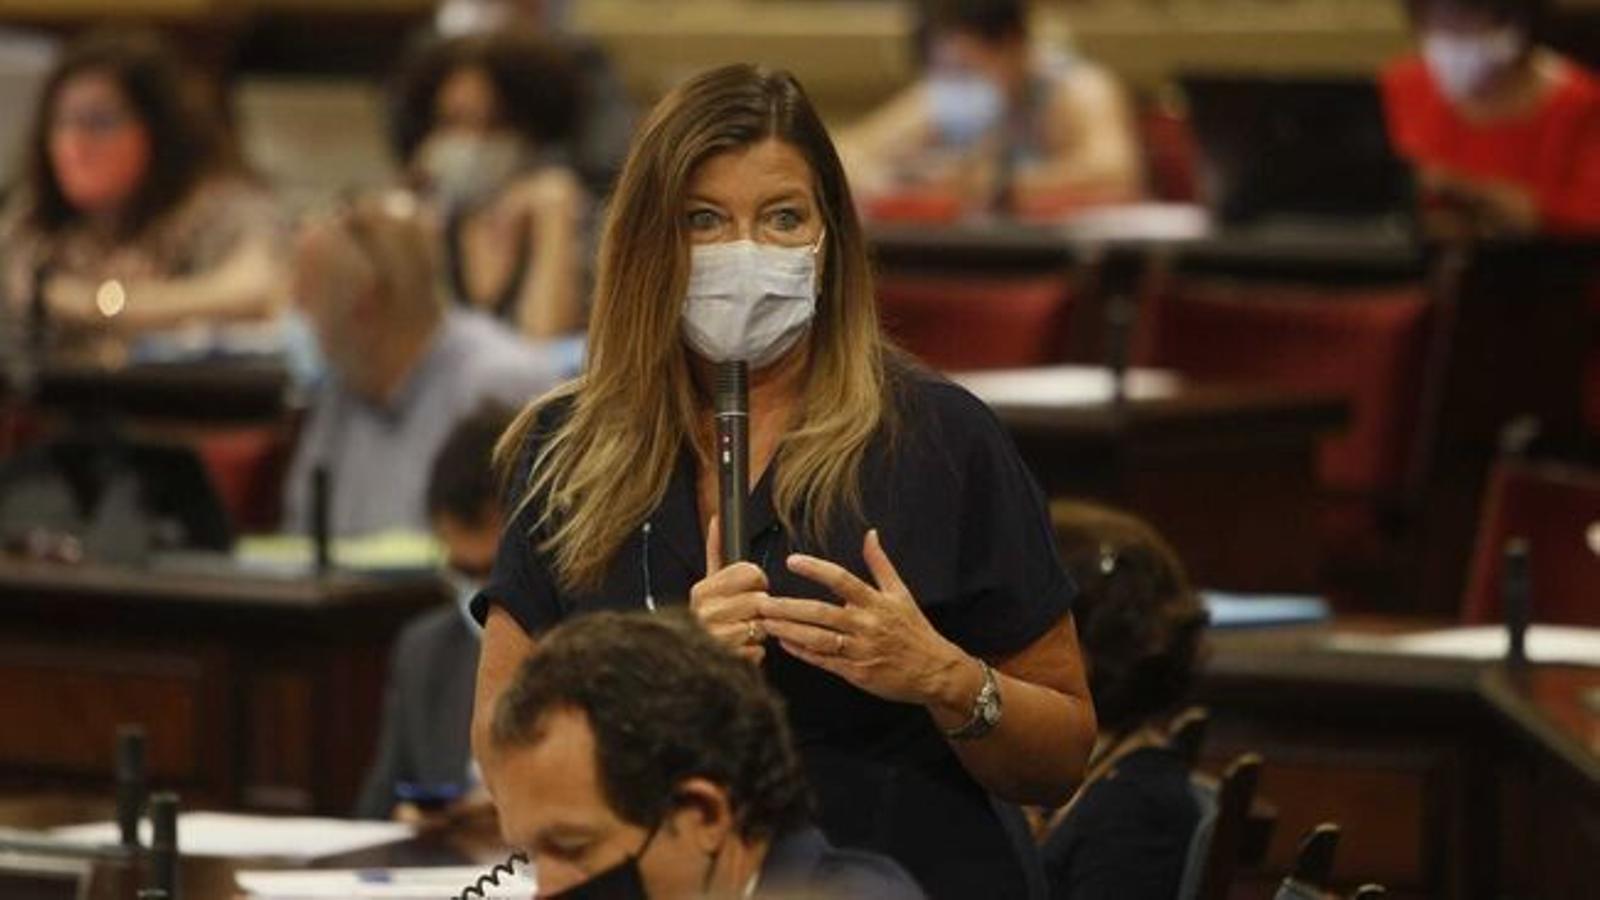 La consellera de Salut, Patricia Gómez, al Parlament. / ISAAC BUJ